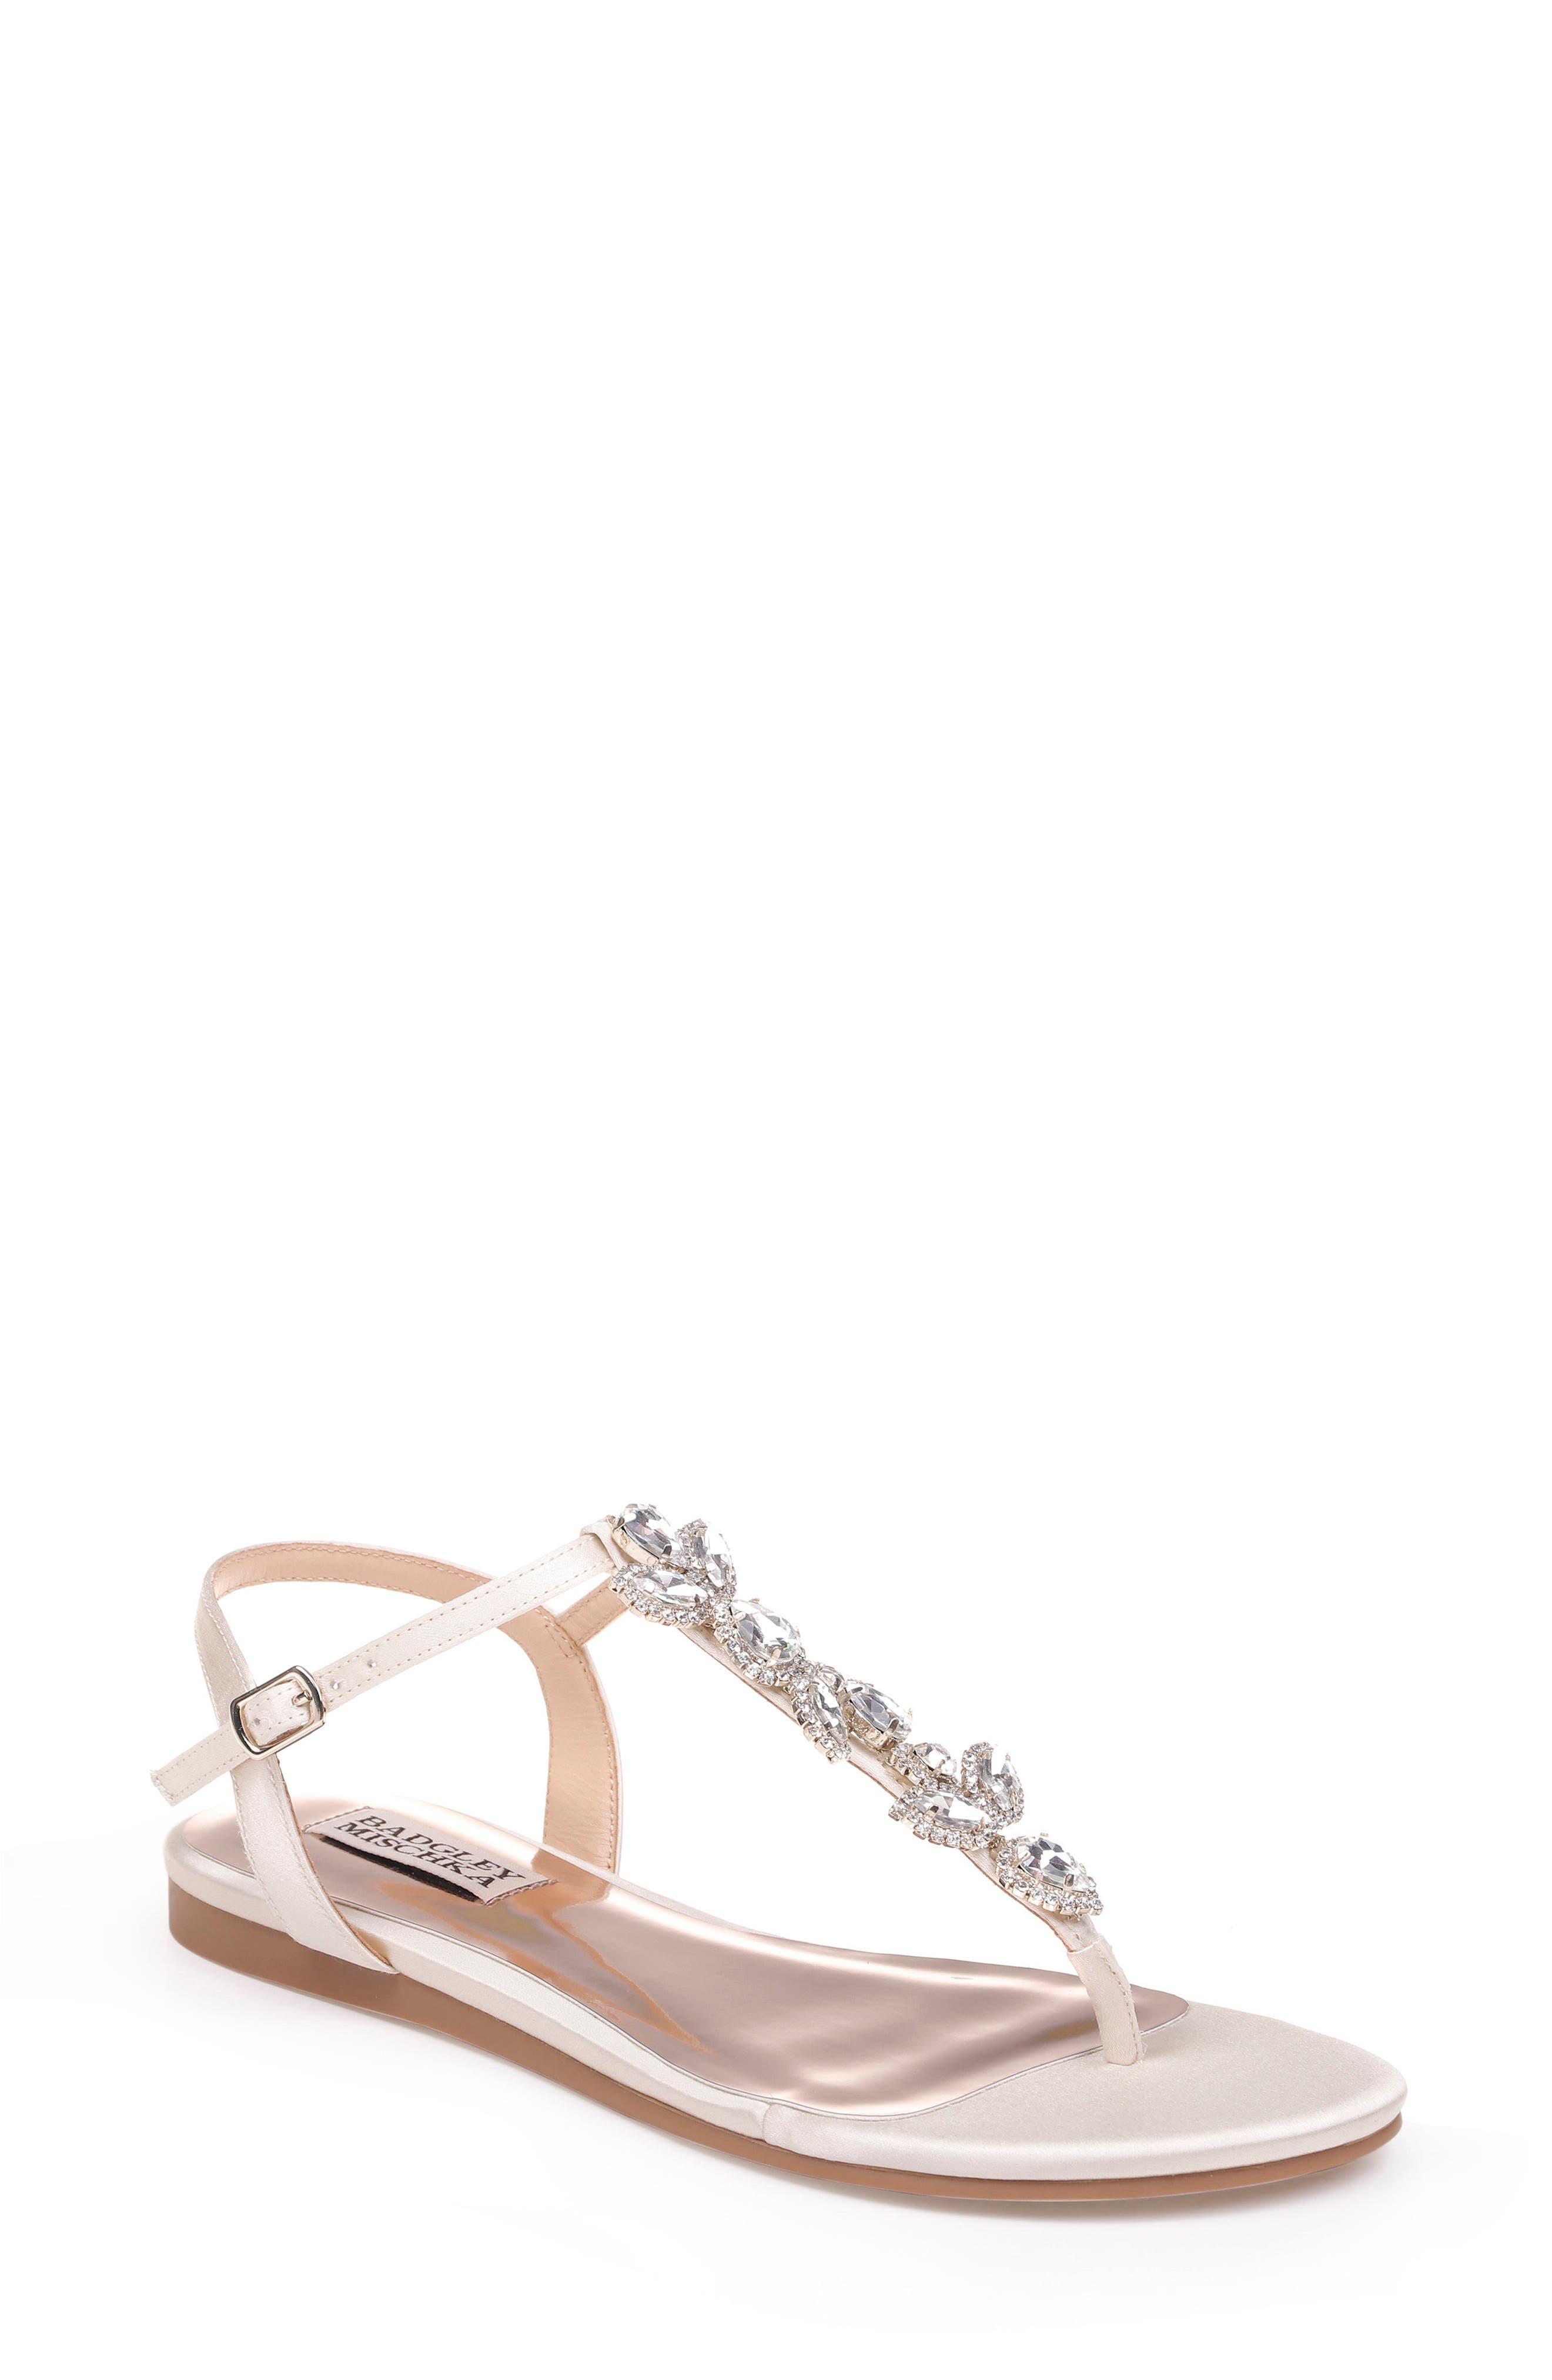 Sissi Crystal Embellished Sandal,                         Main,                         color, 100